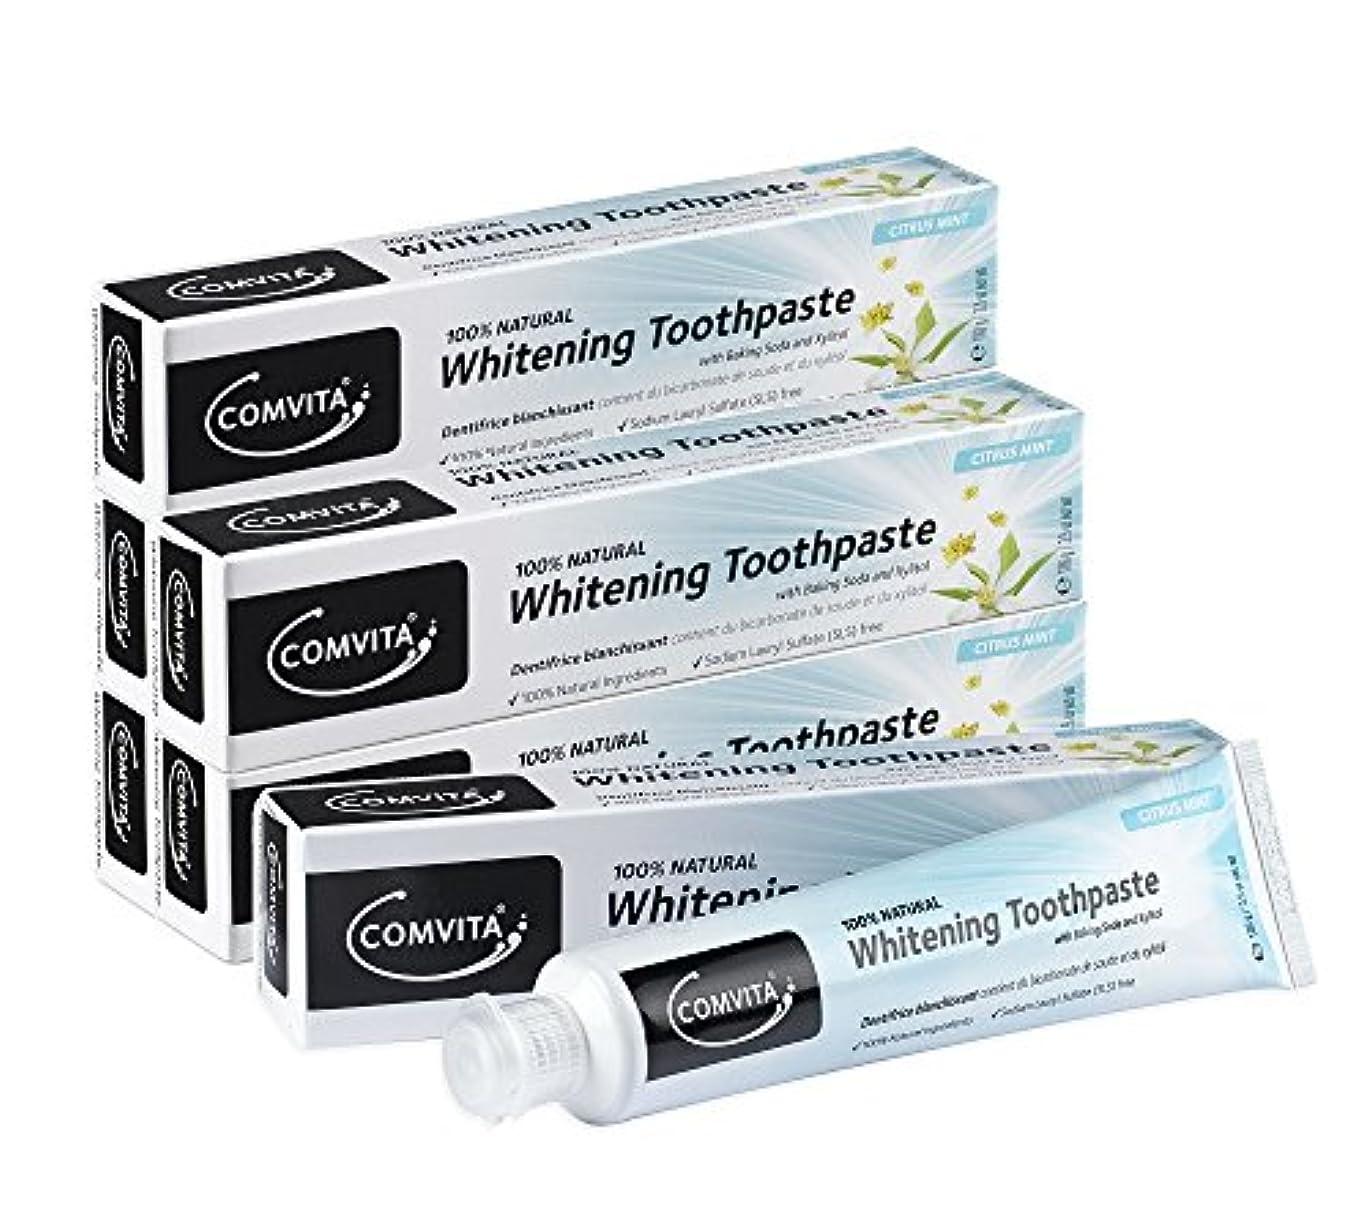 無礼に疎外するラッシュホワイトニング歯磨き コンビタ 100g お得な6本セット whitening toothpaste